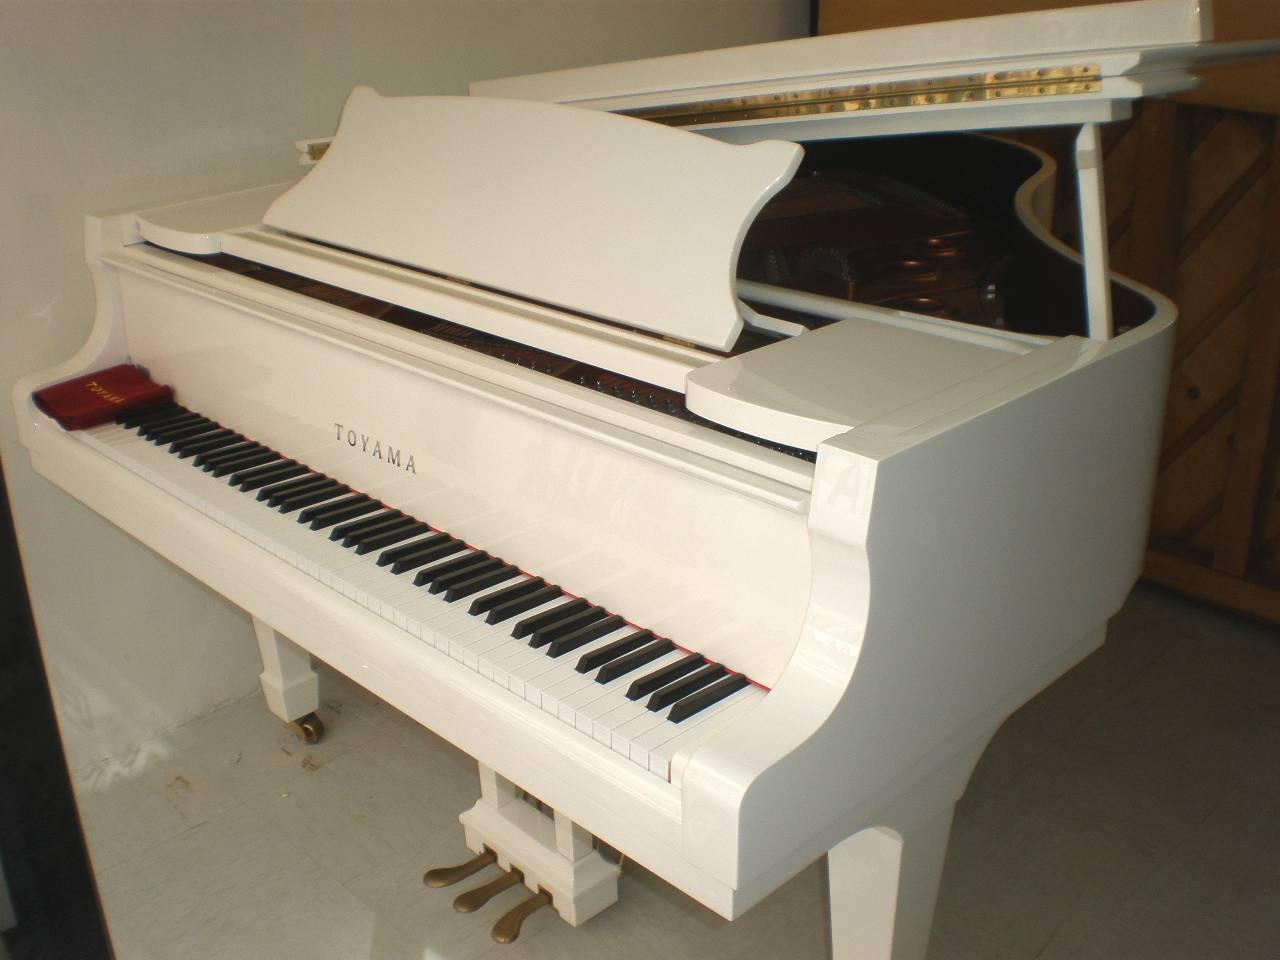 婚禮外租鋼琴 白色三角琴+琴櫈:$6000 包來回搬運、一次調音 白色...  外租鋼琴